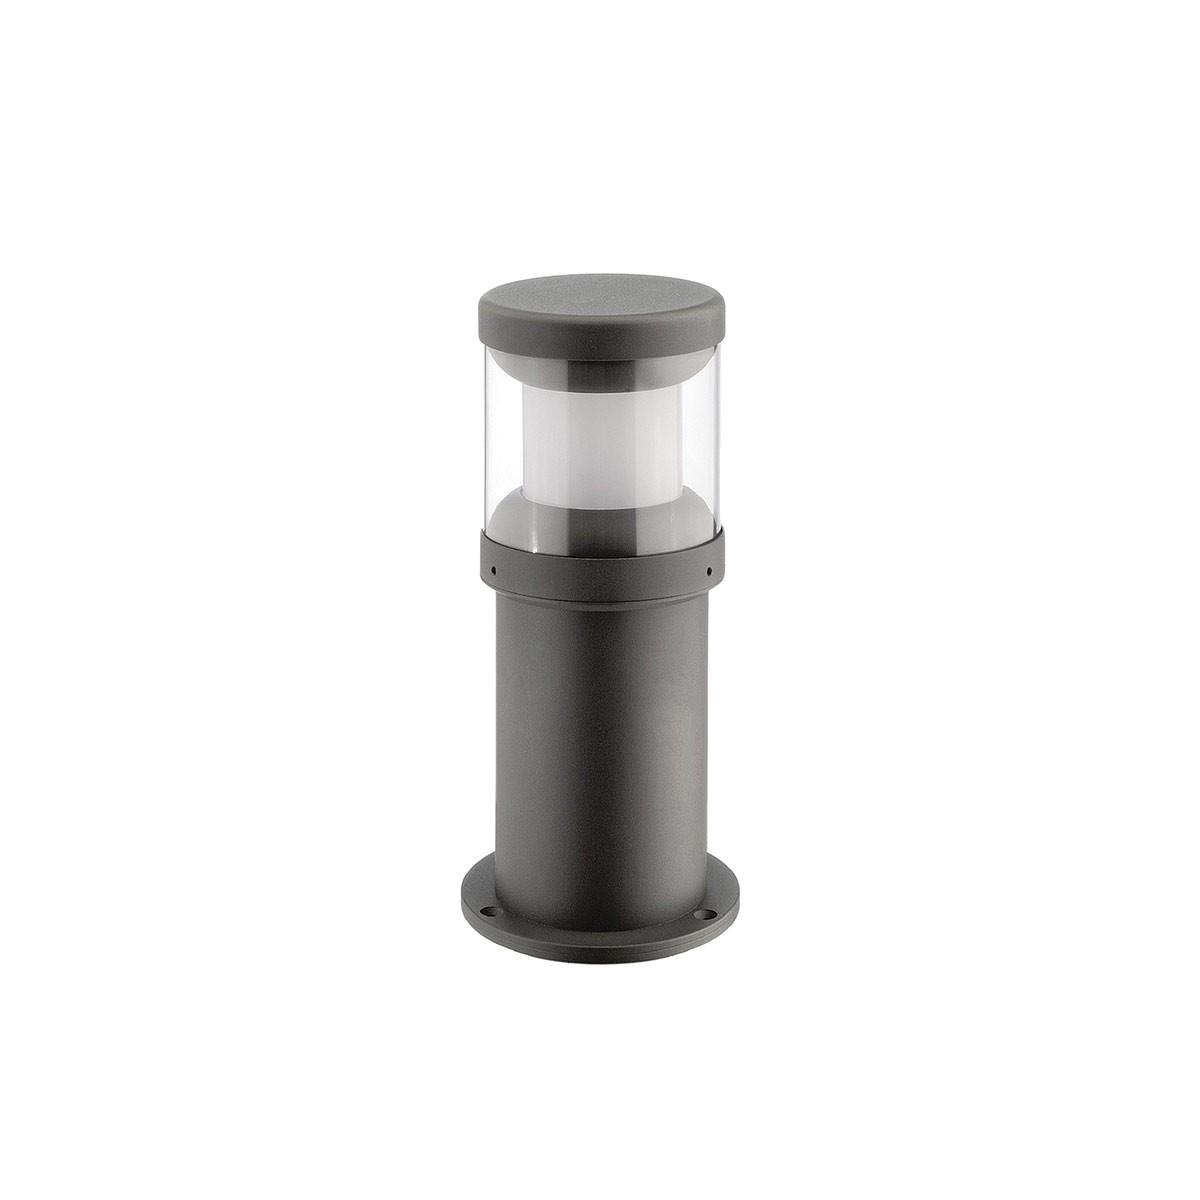 LCD Außenleuchten 1280/1290 LED Sockelleuchte, graphit